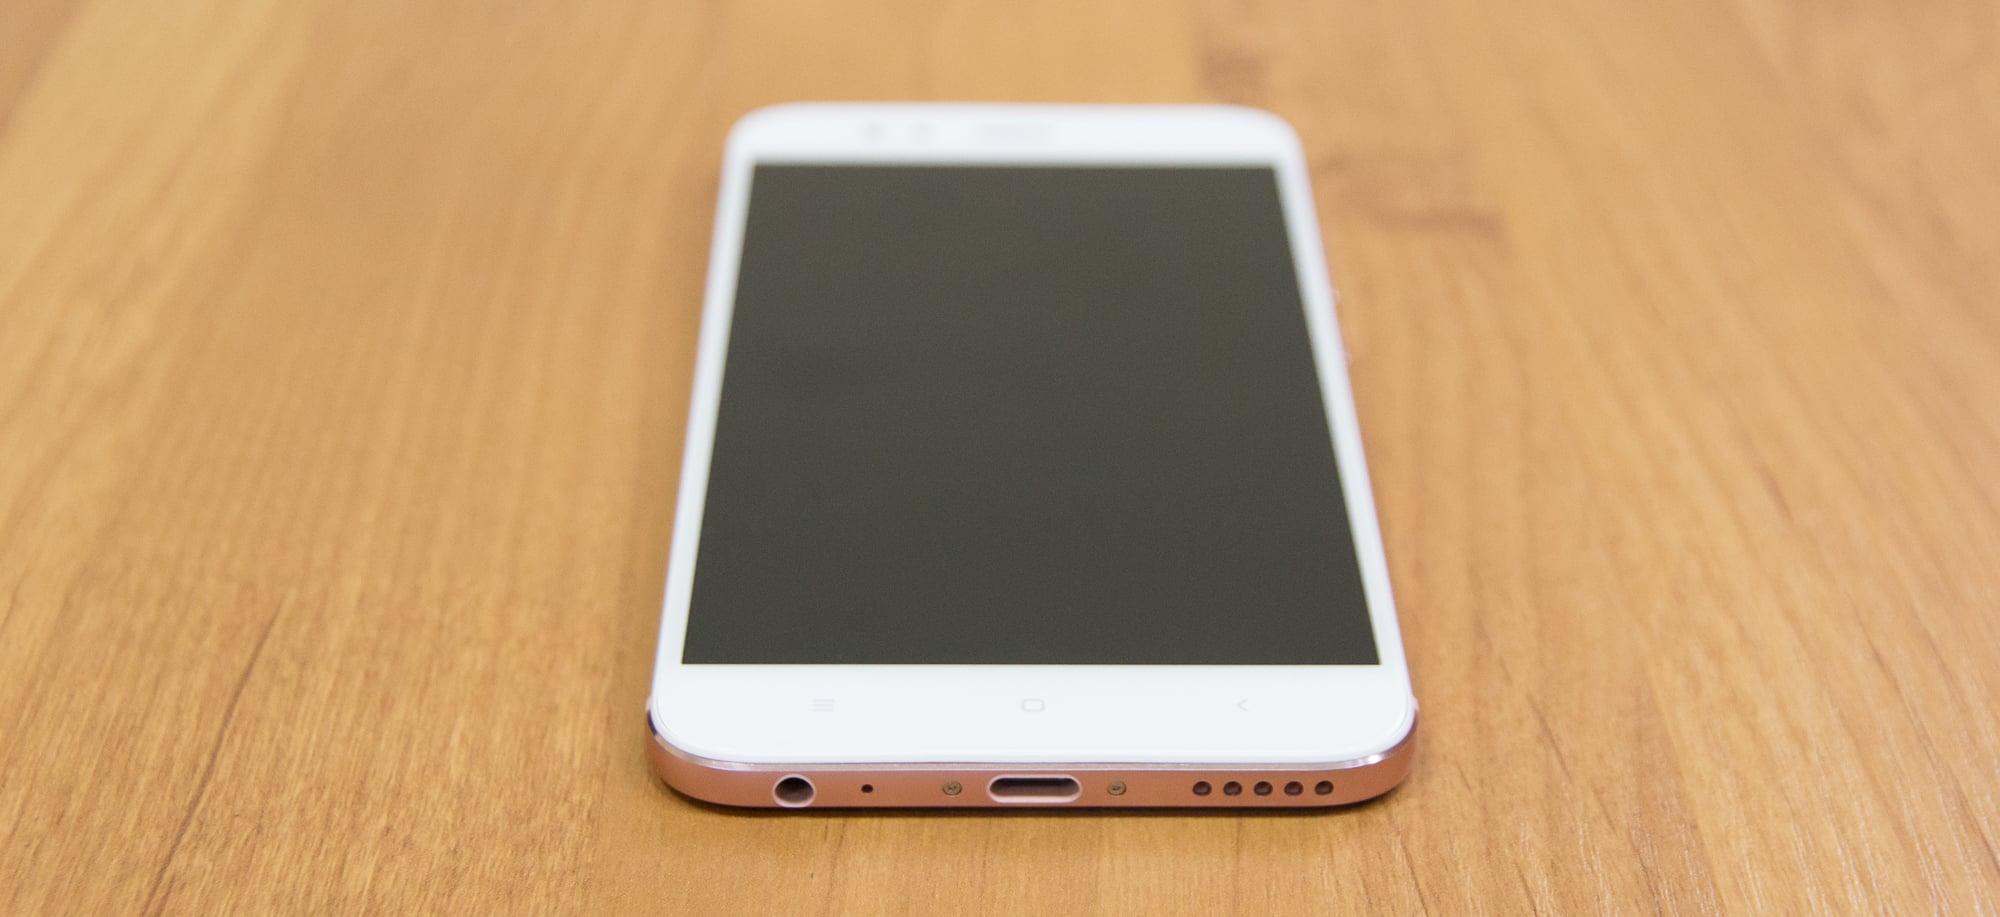 Обзор недорогого смартфона с хорошей для этой цены камерой. Изучаем Xiaomi Mi 5X (он же A1) - 9